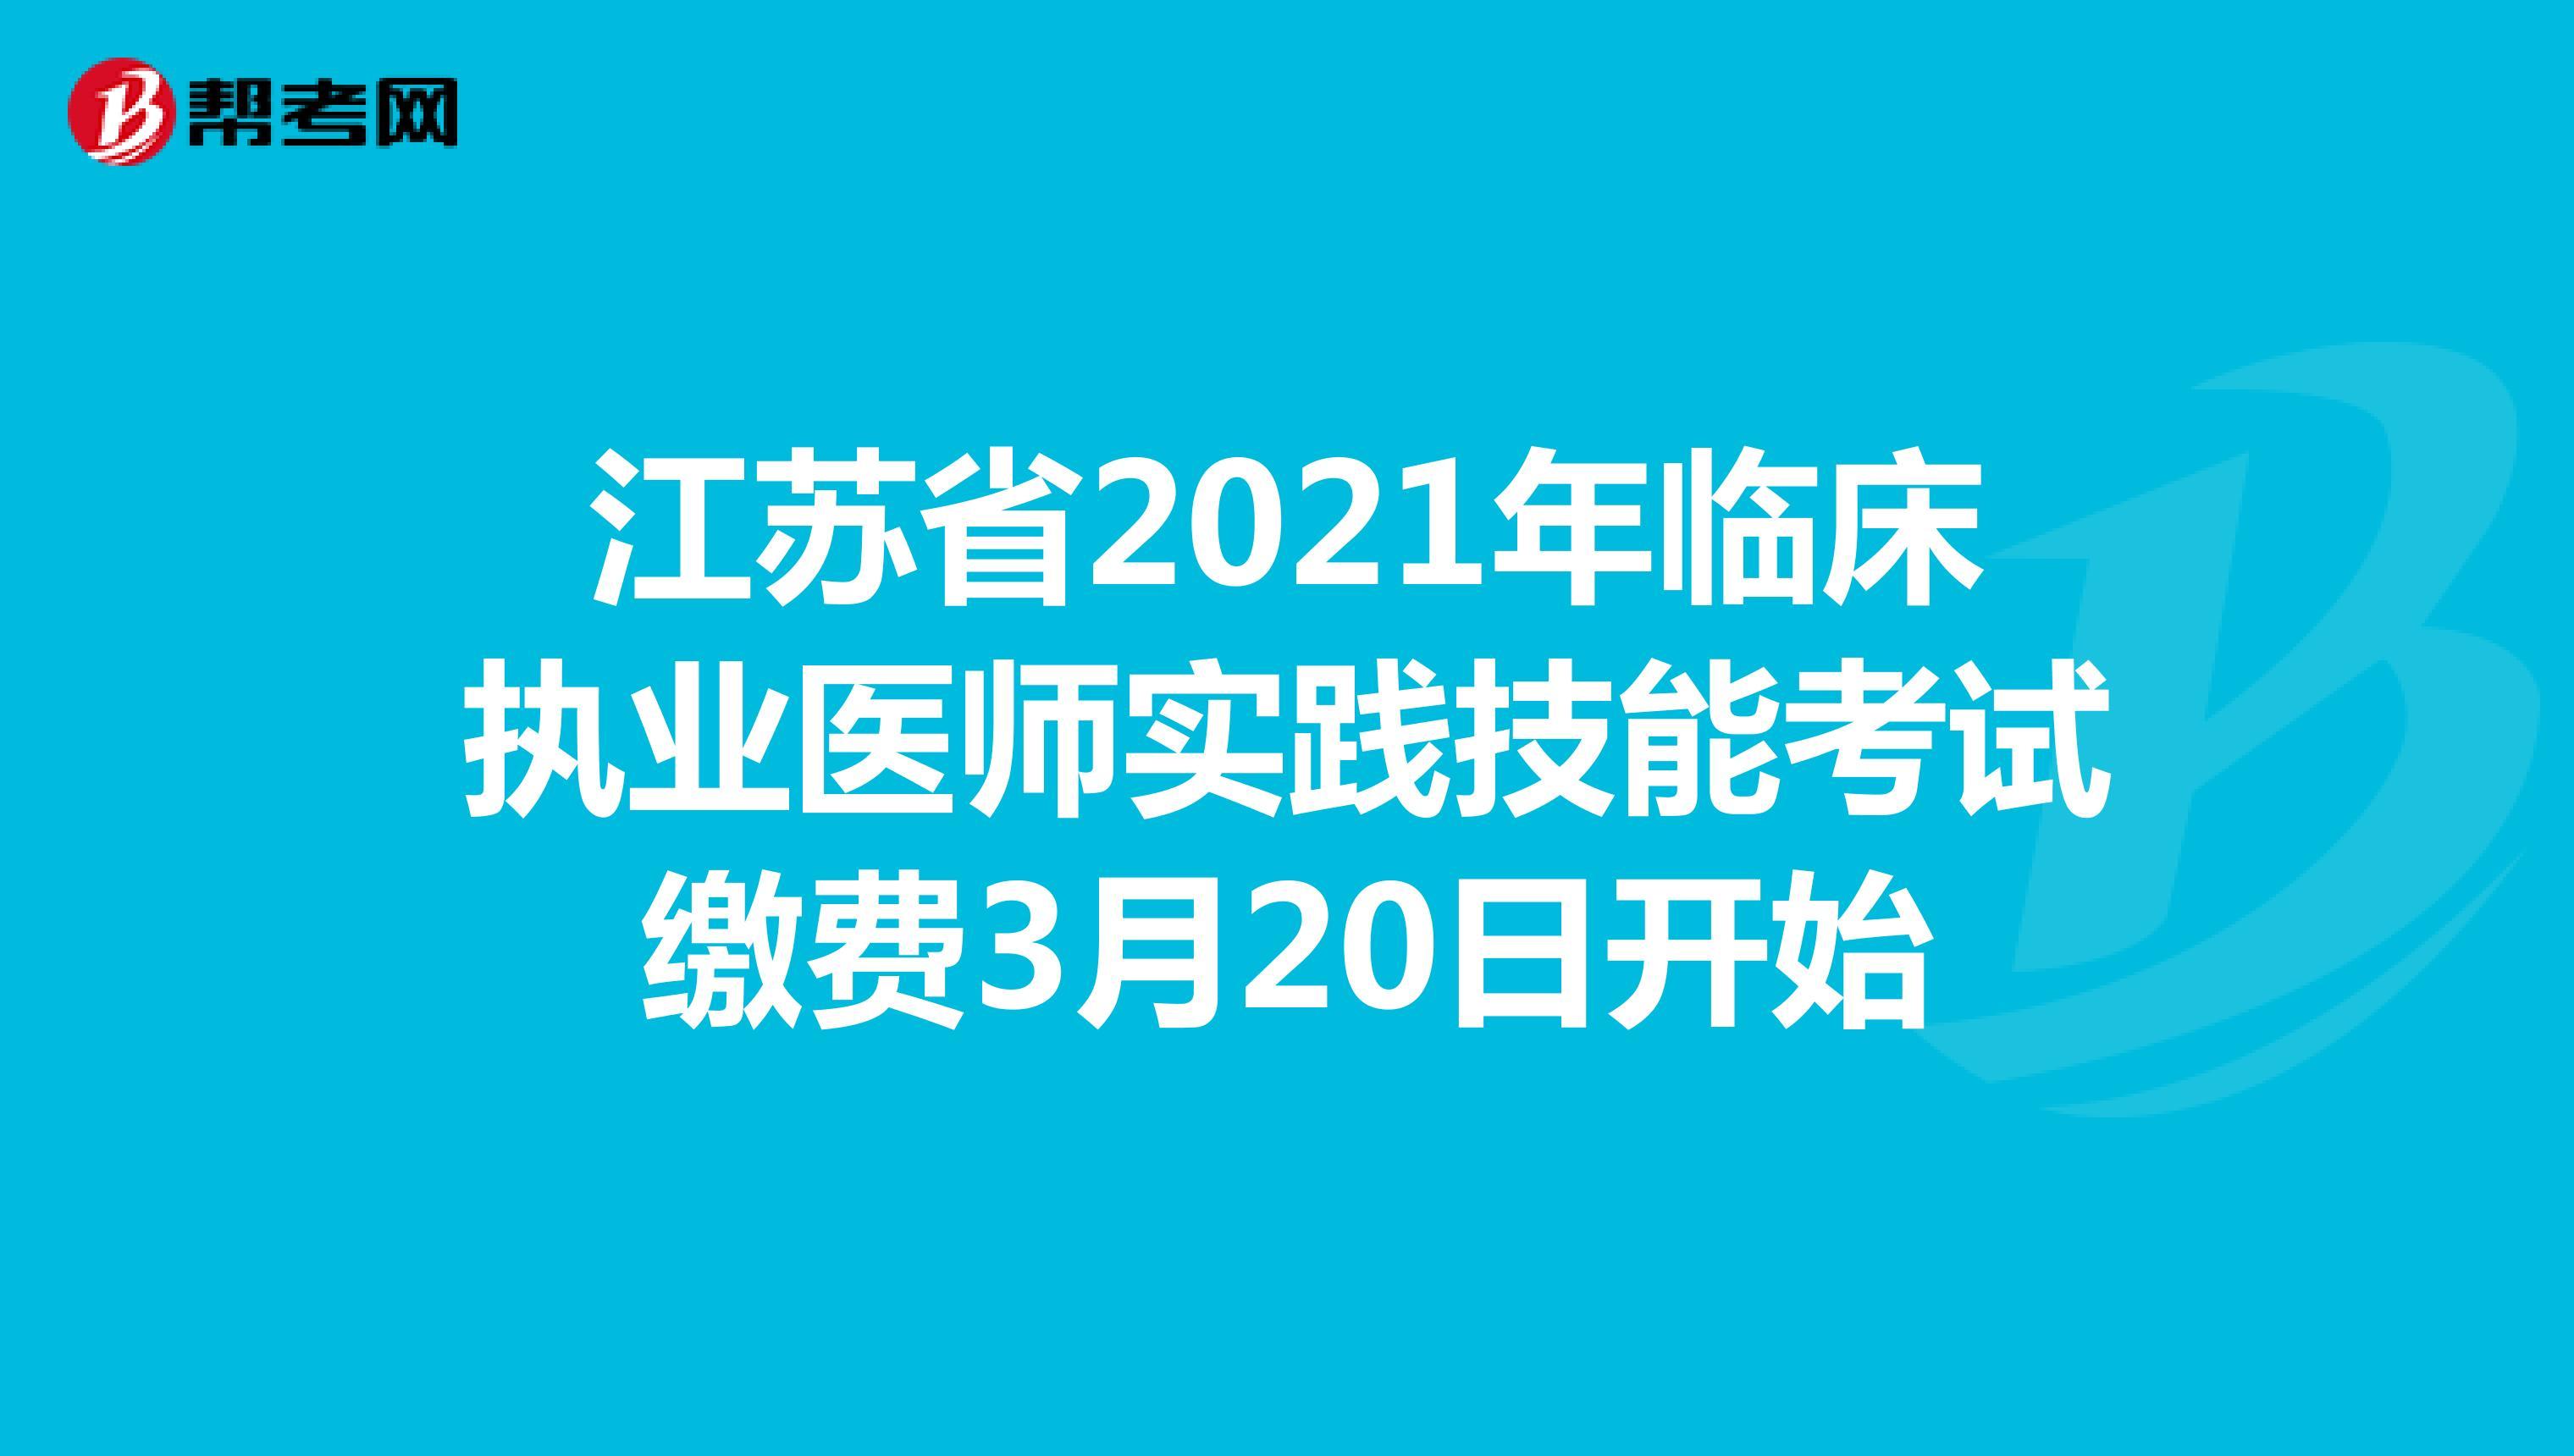 江蘇省2021年臨床執業醫師實踐技能考試繳費3月20日開始